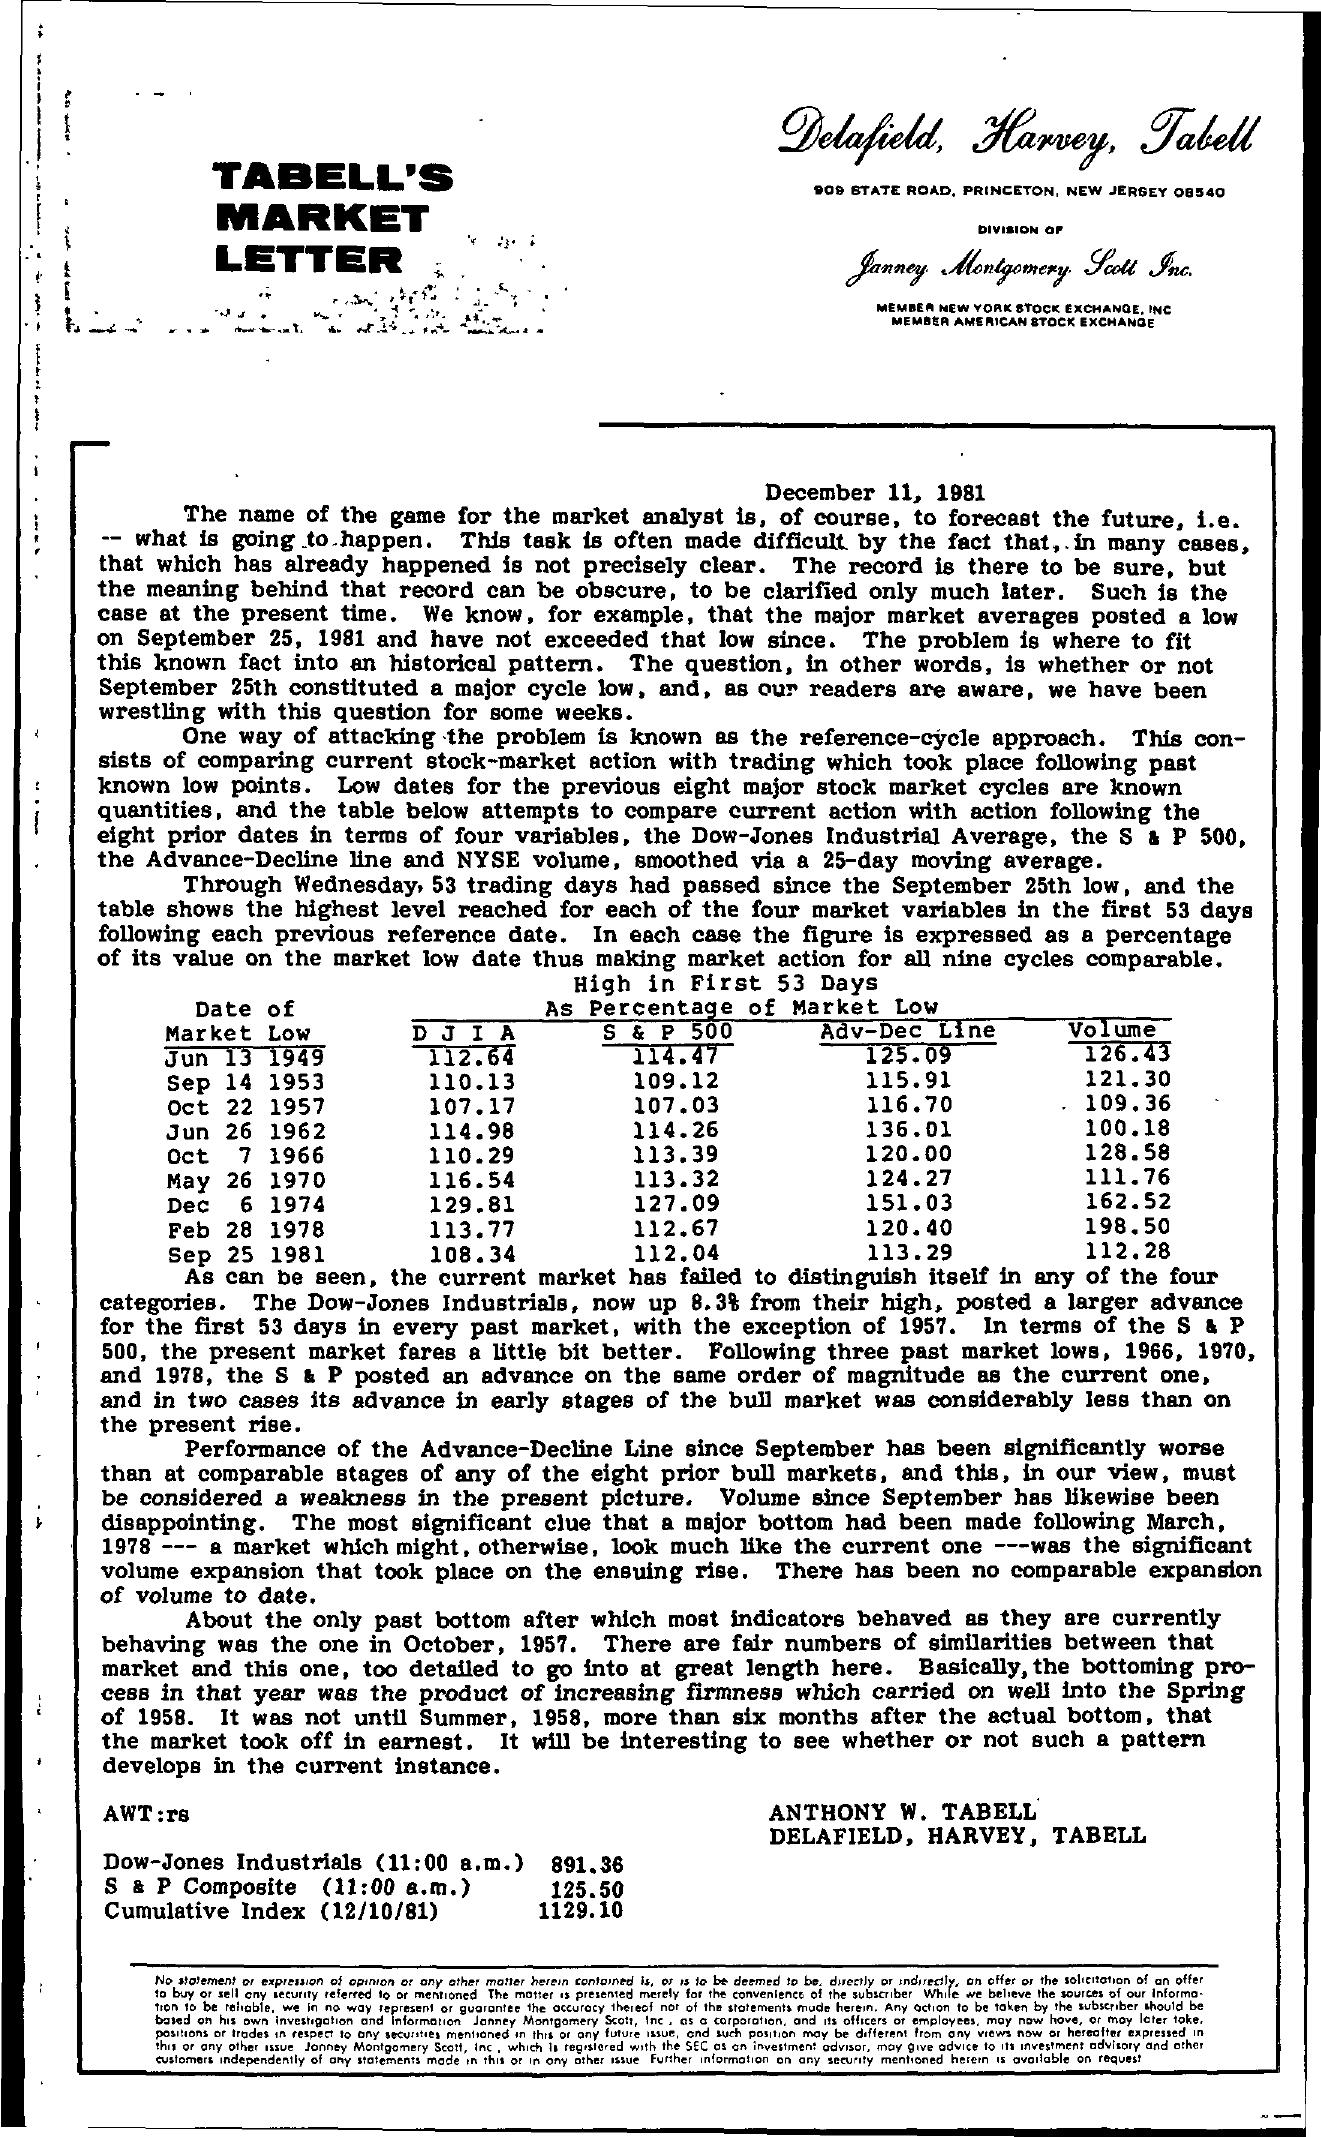 Tabell's Market Letter - December 11, 1981